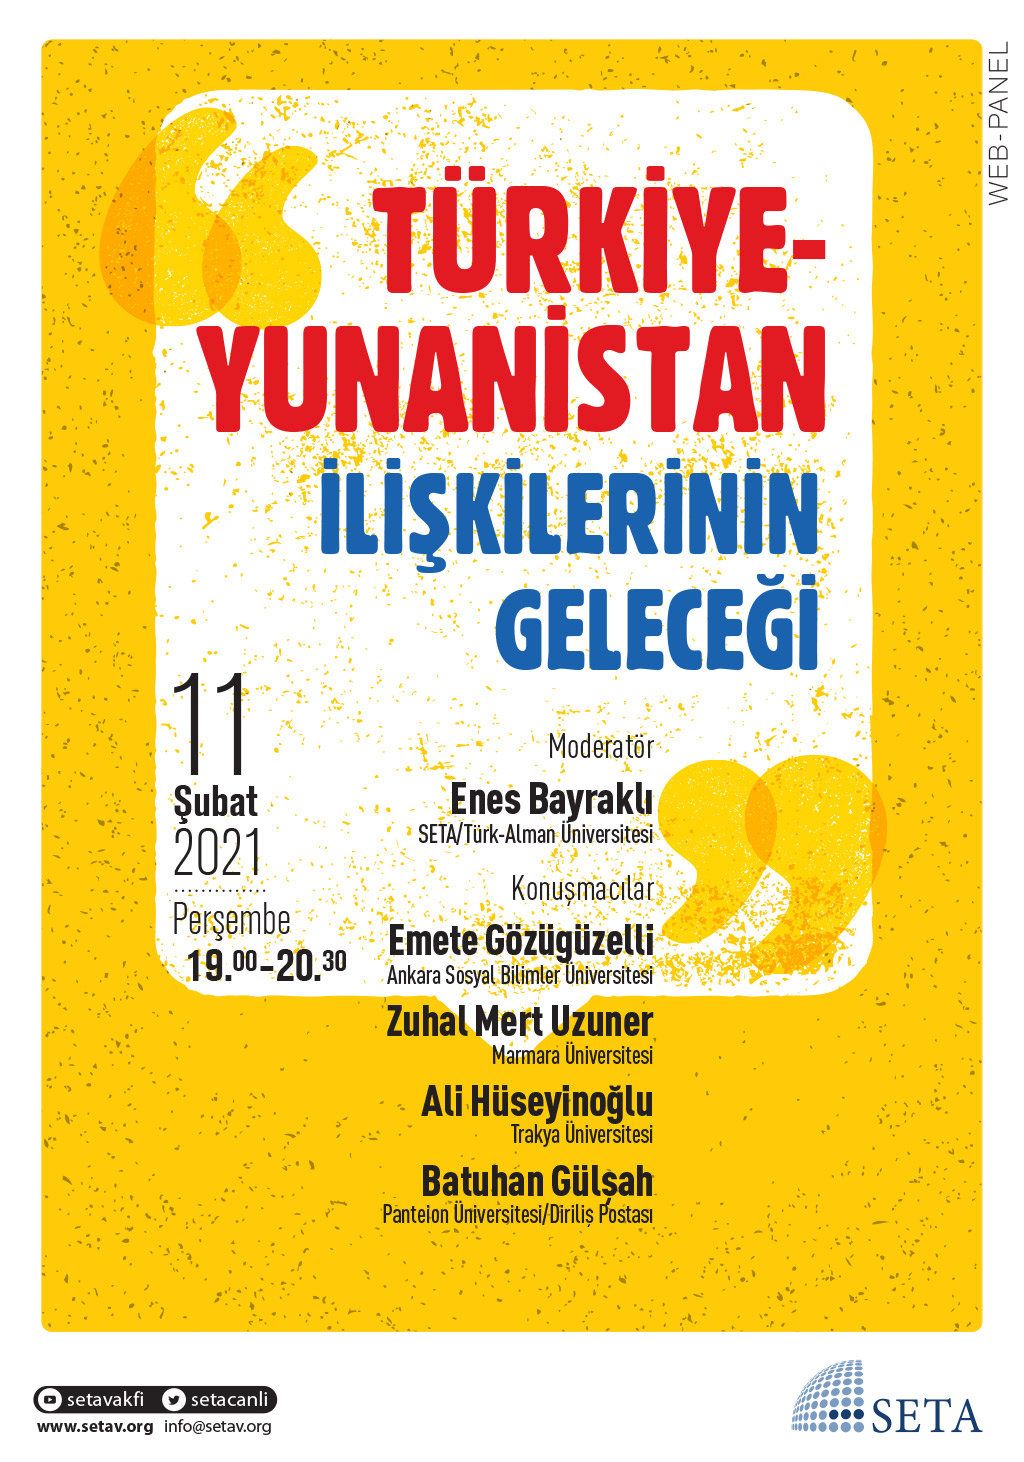 Web Panel: Türkiye-Yunanistan İlişkilerinin Geleceği